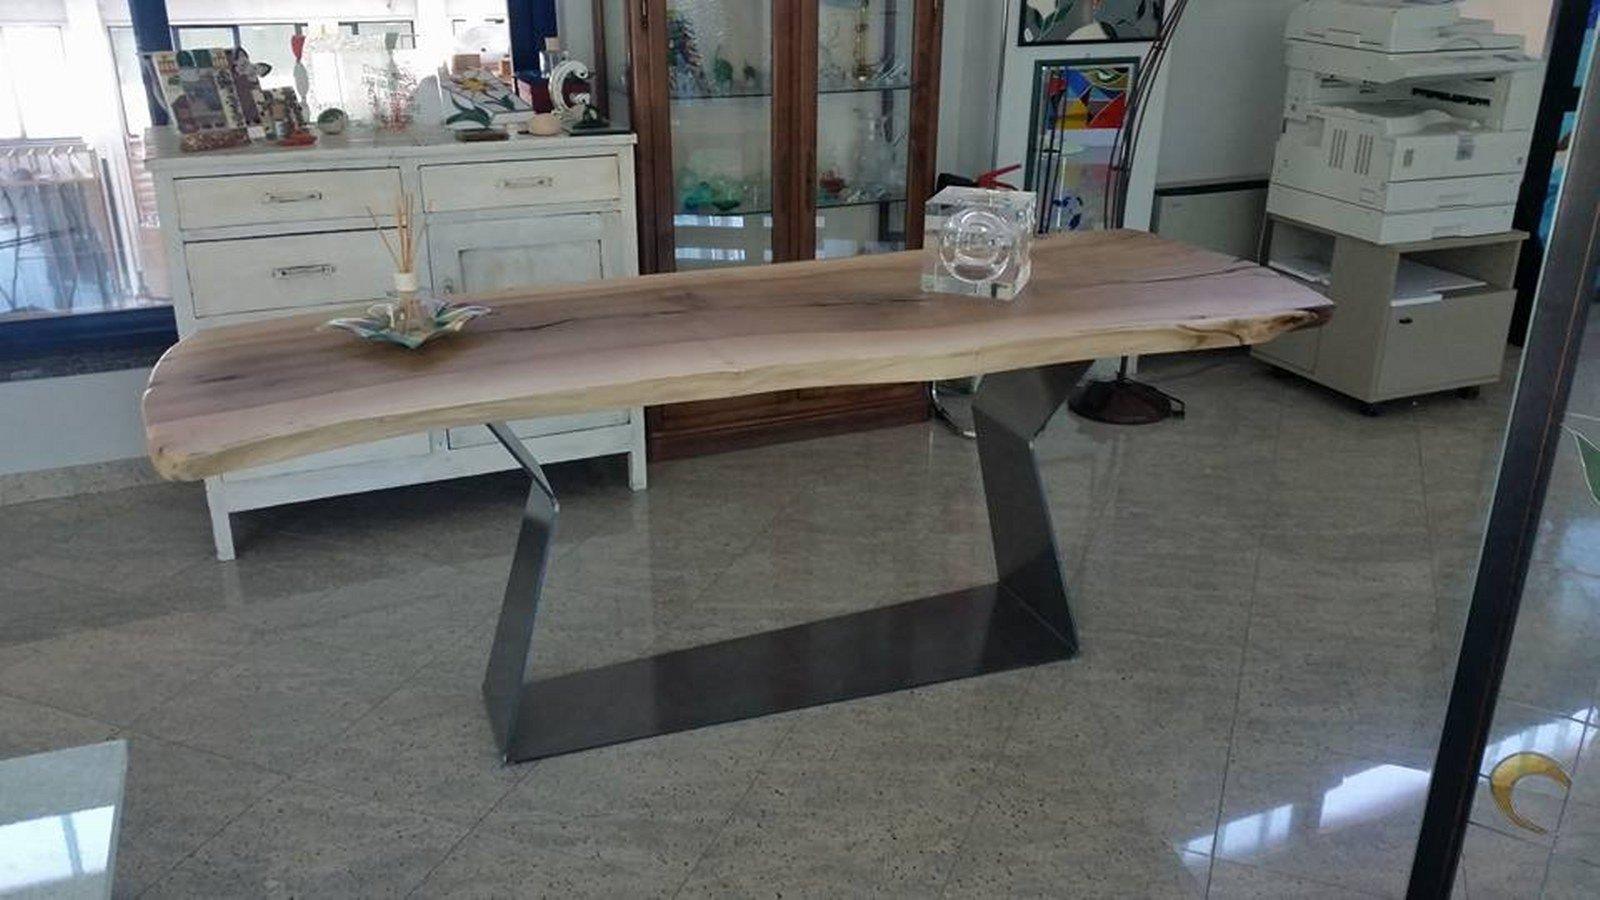 seconda angolatura di tavolo in legno con gambe in ferro